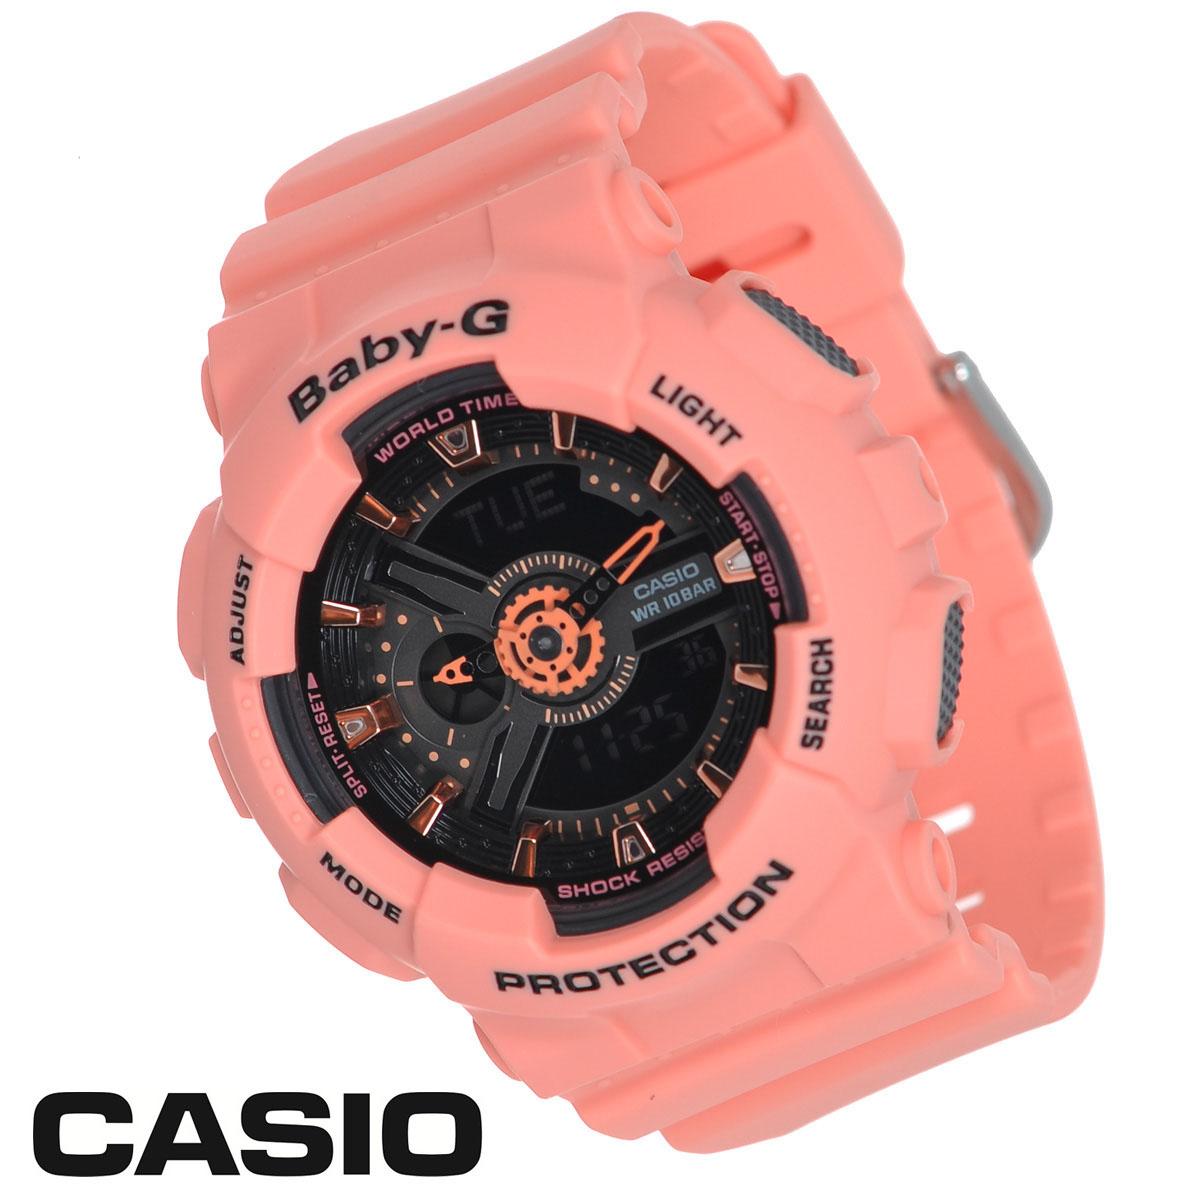 Часы женские наручные Casio Baby-G, цвет: лососевый. BA-111-4A2BA-111-4A2Стильные многофункциональные часы Baby-G от японского брэнда Casio - это яркий функциональный аксессуар для современных людей, которые стремятся выделиться из толпы и подчеркнуть свою индивидуальность. Часы выполнены в спортивном стиле. Часы оснащены японским кварцевым механизмом, имеют ударопрочную конструкцию, защищающую механизм от ударов и вибрации. Циферблат оснащен двумя стрелками и подсвечивается светодиодом. Ремешок из мягкого пластика застегивается на классическую застежку. Основные функции: - 5 будильников, ежечасный сигнал; - сплит-хронограф; - автоматический календарь (число, месяц, день недели, год); - секундомер с точностью показаний 1/100 с, время измерения 24 ч; - 12-ти и 24-х часовой формат времени; - таймер обратного отсчета от 1 мин до 24 ч; - функция включения/отключения звука; - мировое время. Часы упакованы в фирменную коробку с...